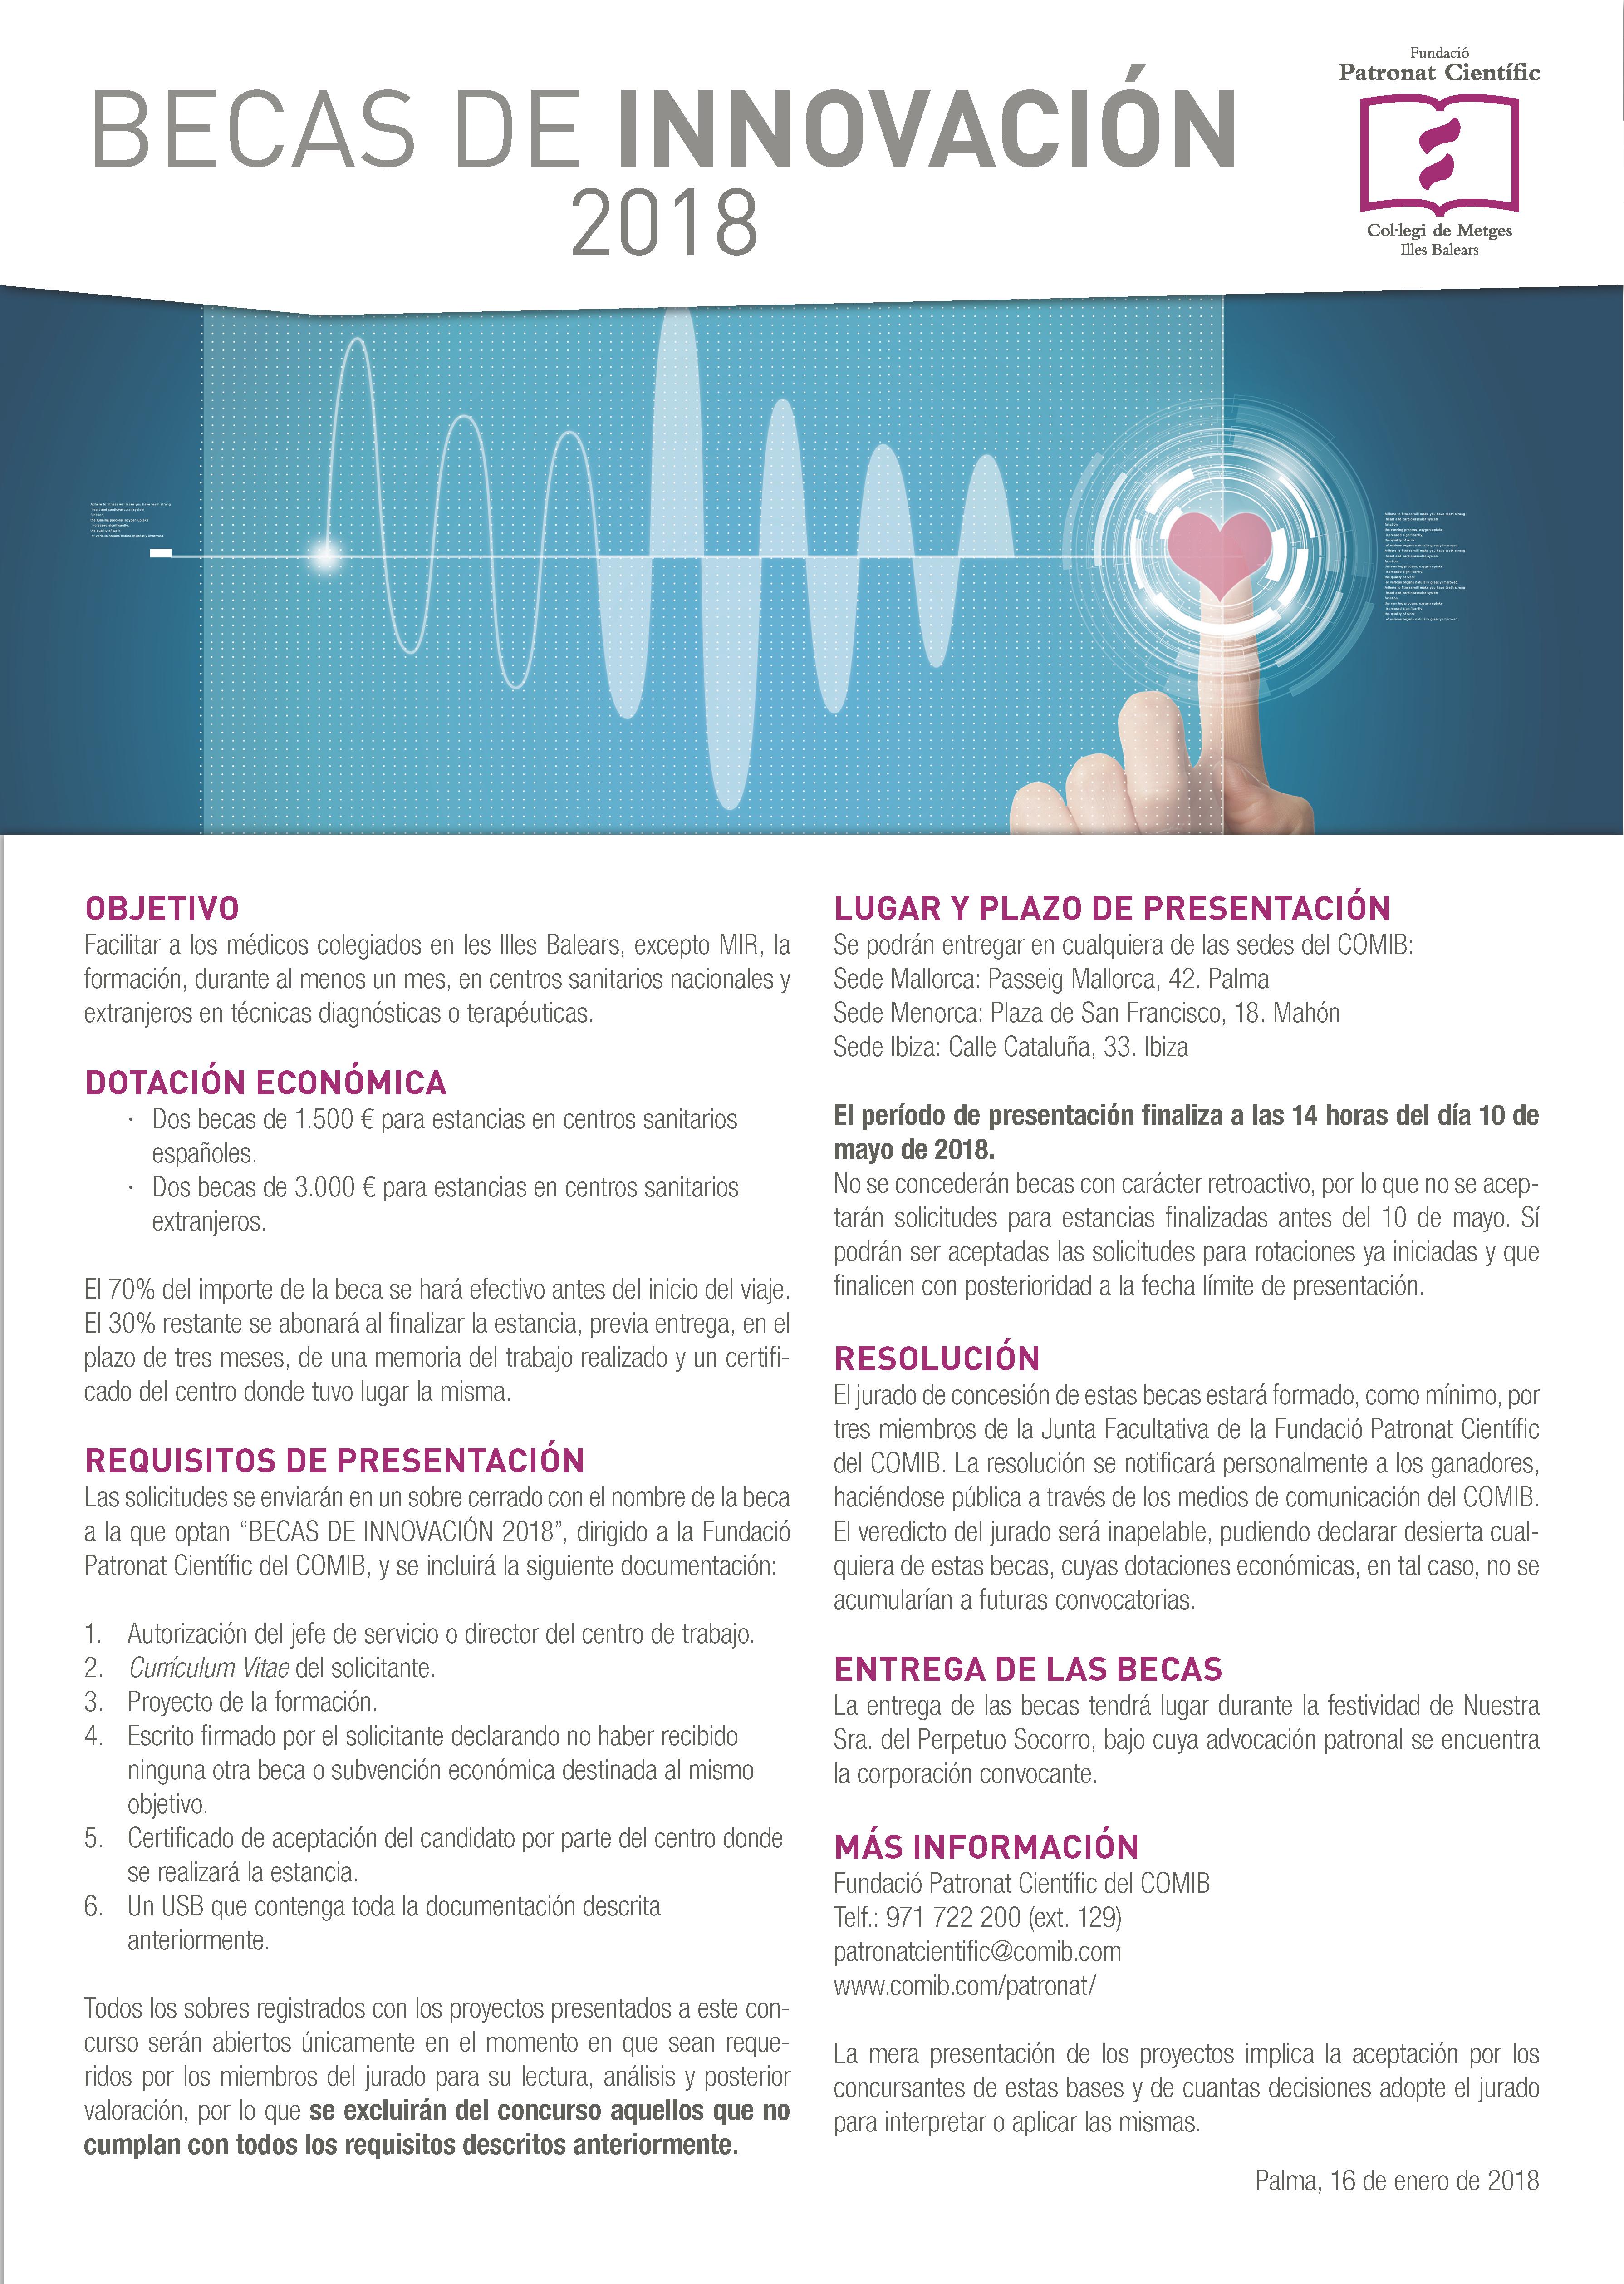 Poster Beca Innovacion 2018